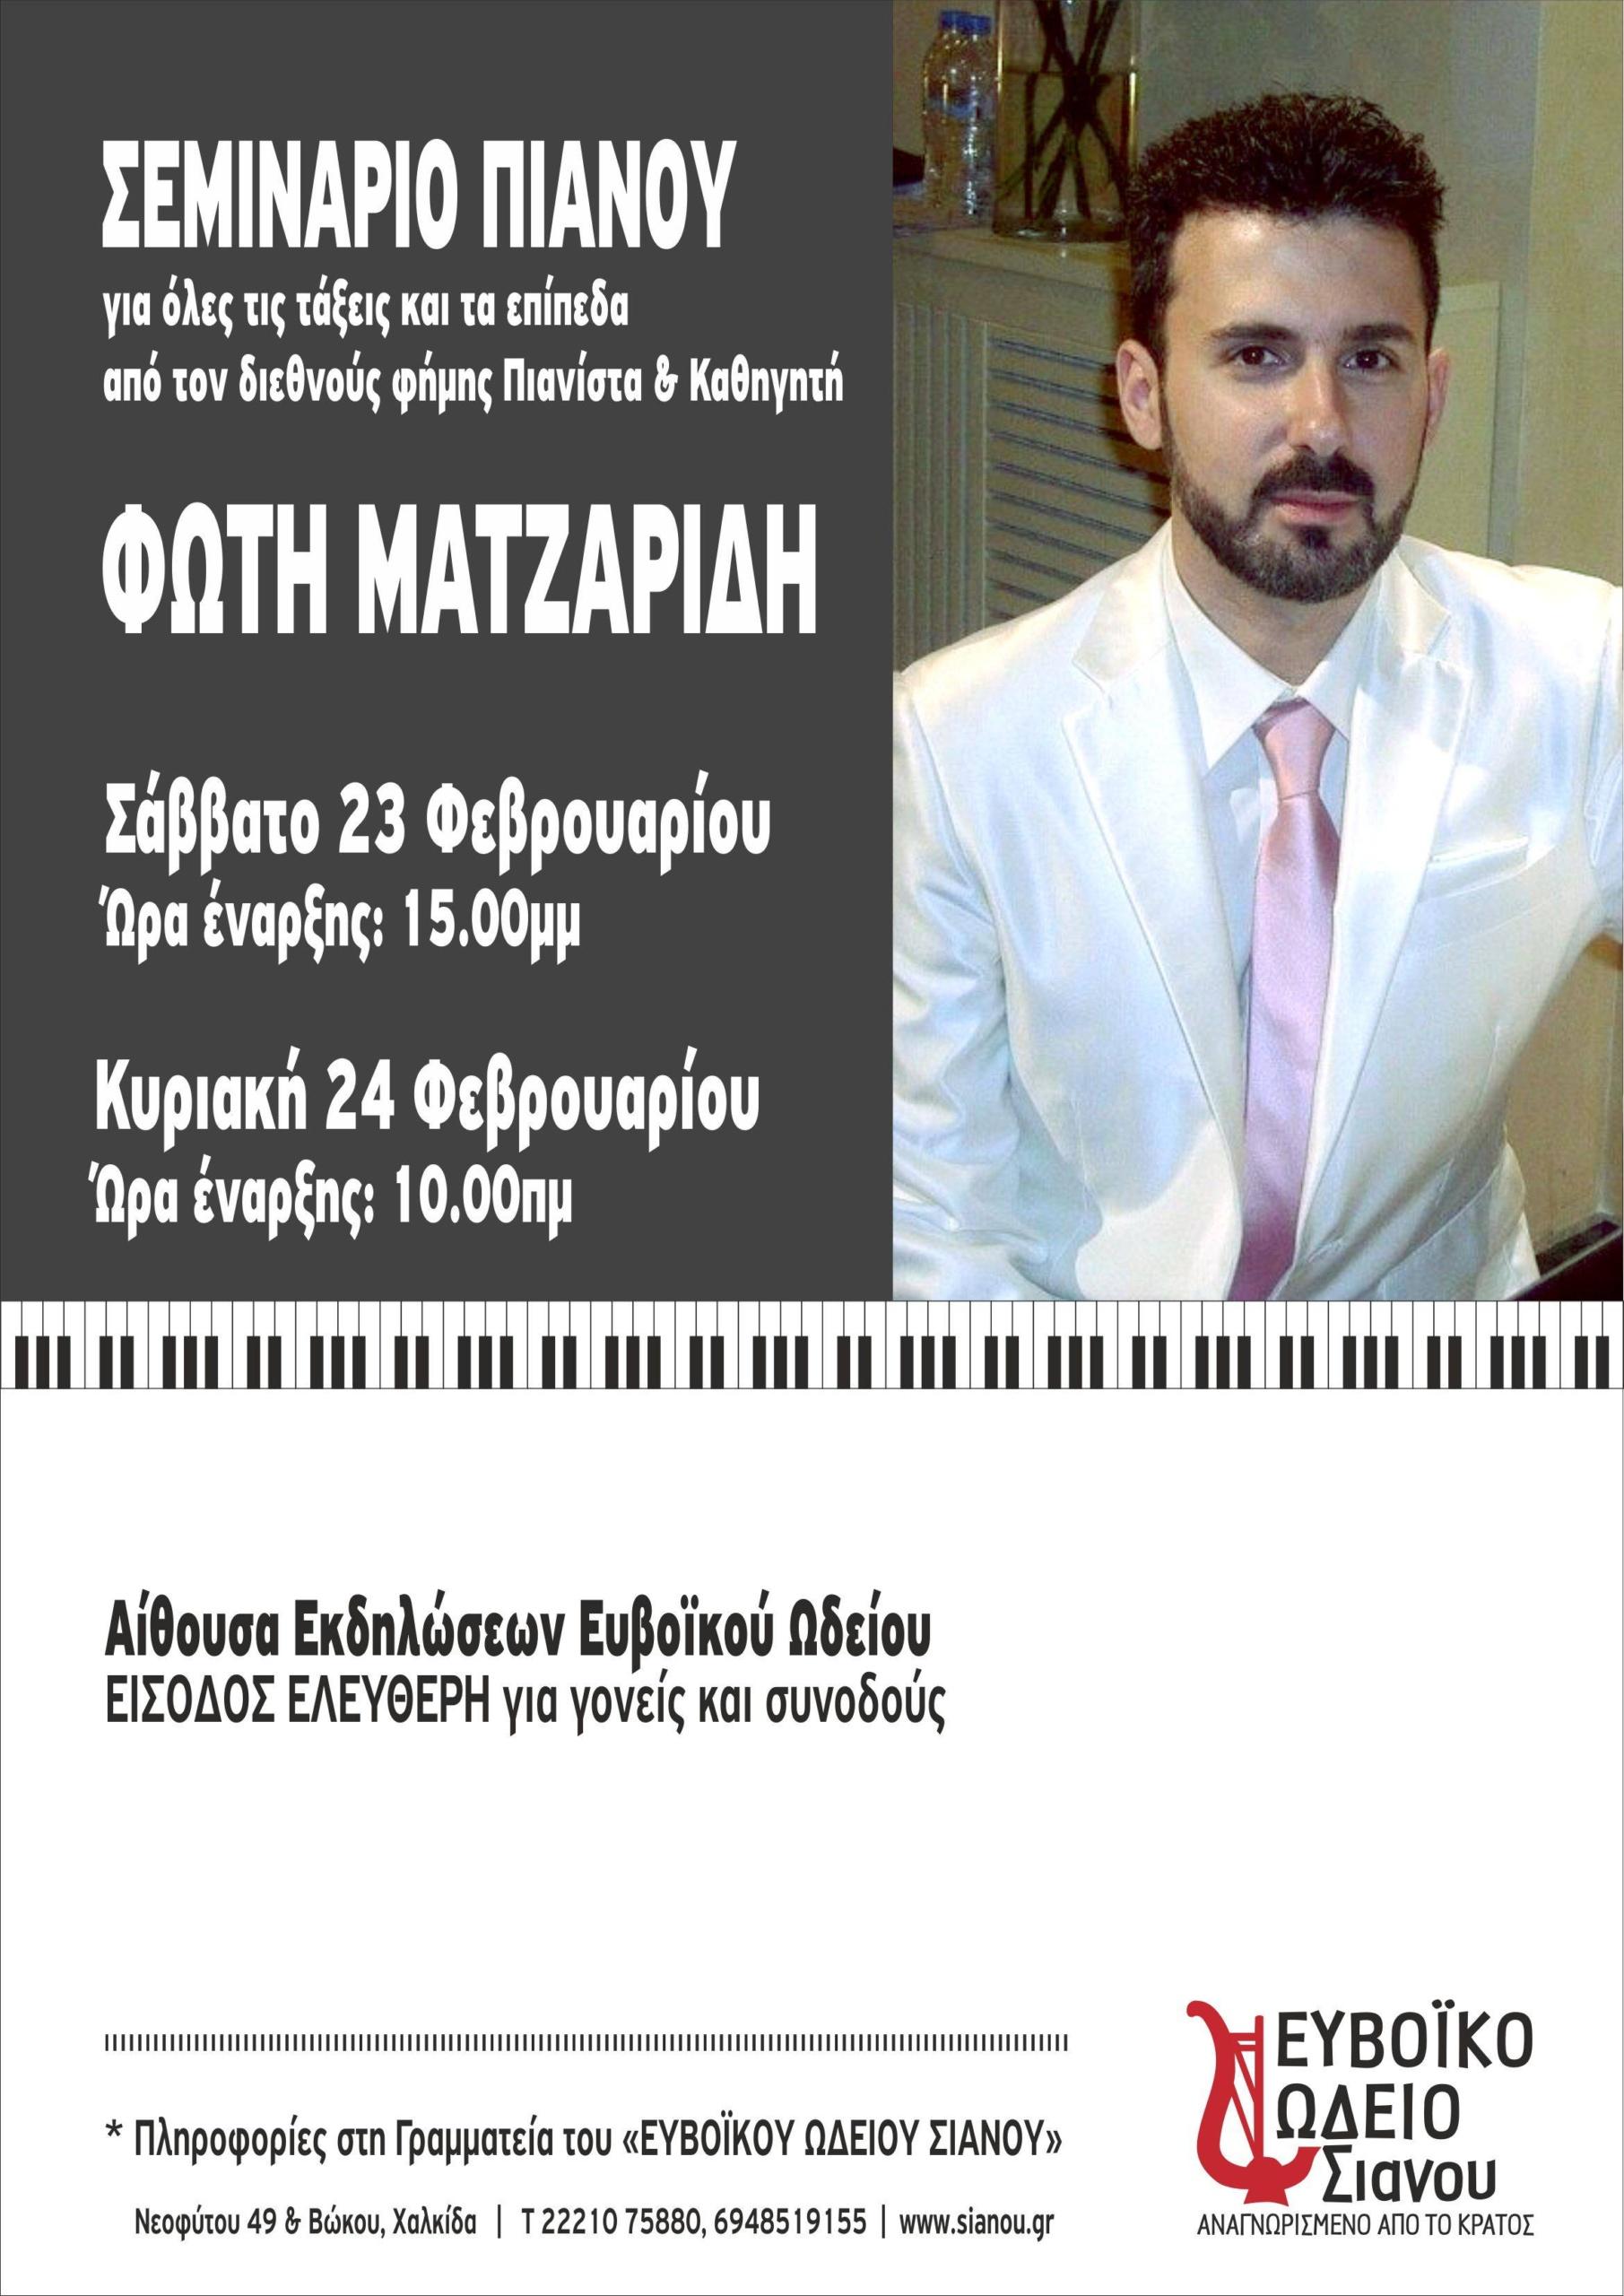 Σεμινάριο Πιάνου με τον Ματζαρίδη Φώτη 2019